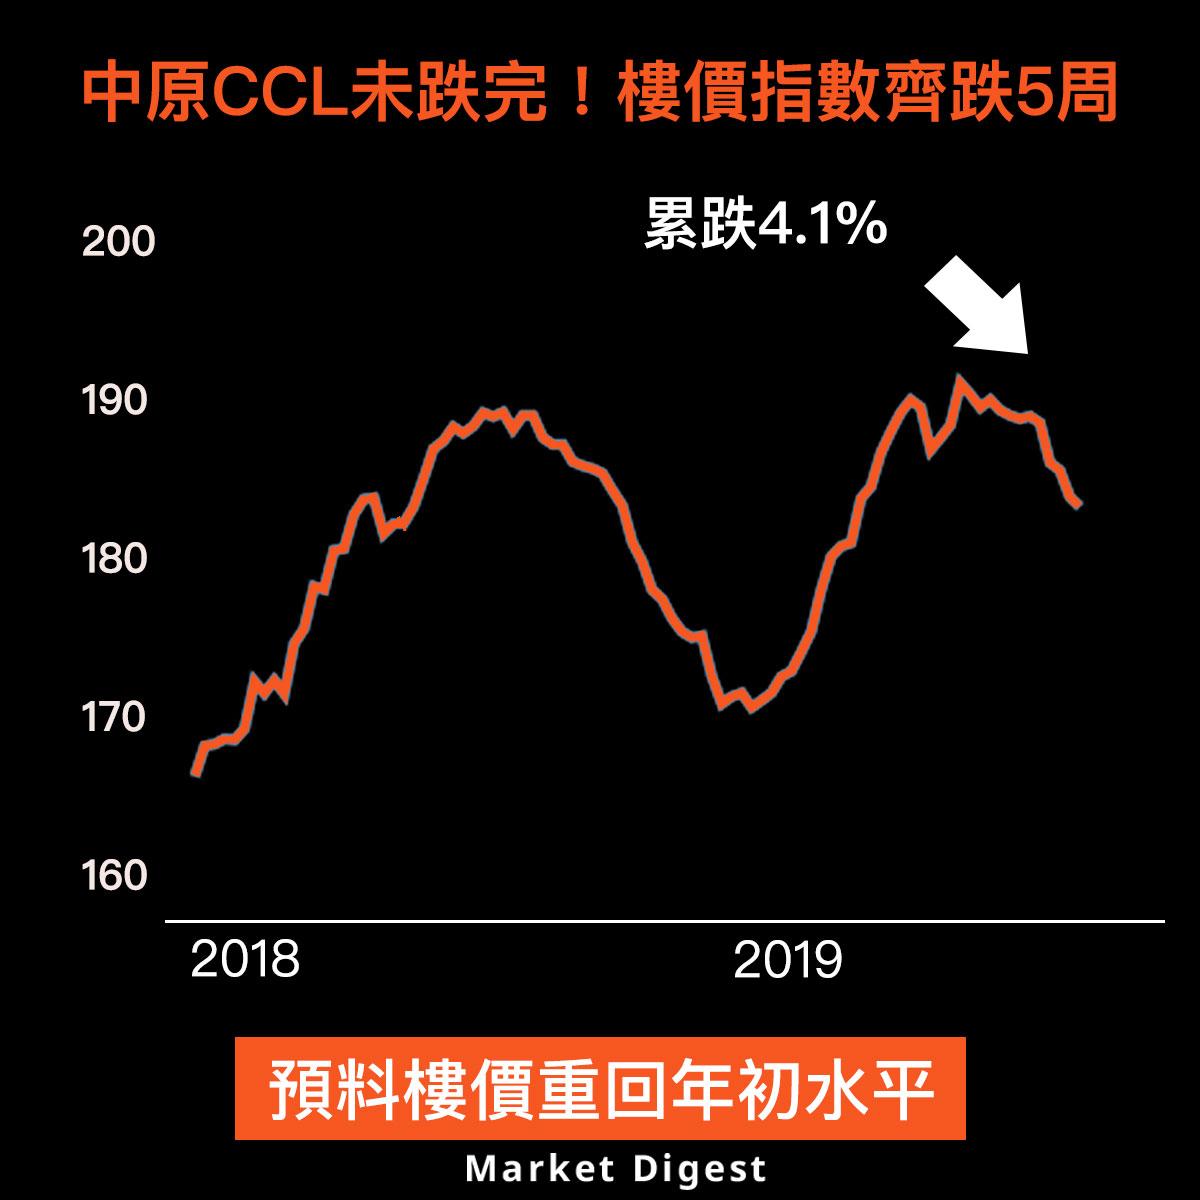 【樓市熱話】中原CCL未跌完!樓價指數齊跌5周